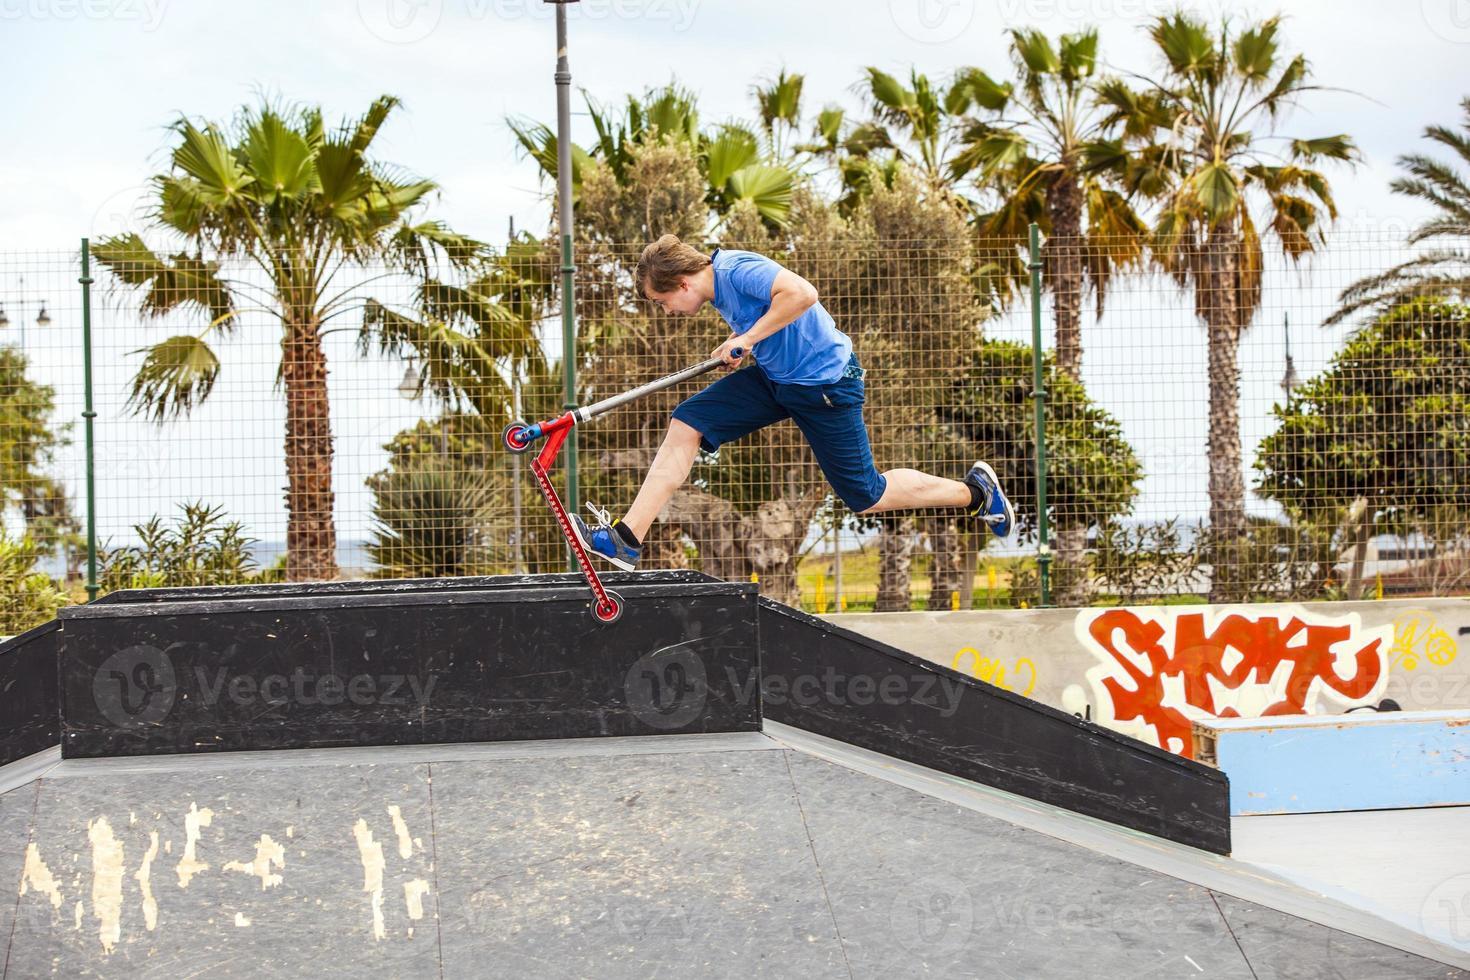 ragazzo adolescente cavalca il suo scooter al parco skate foto